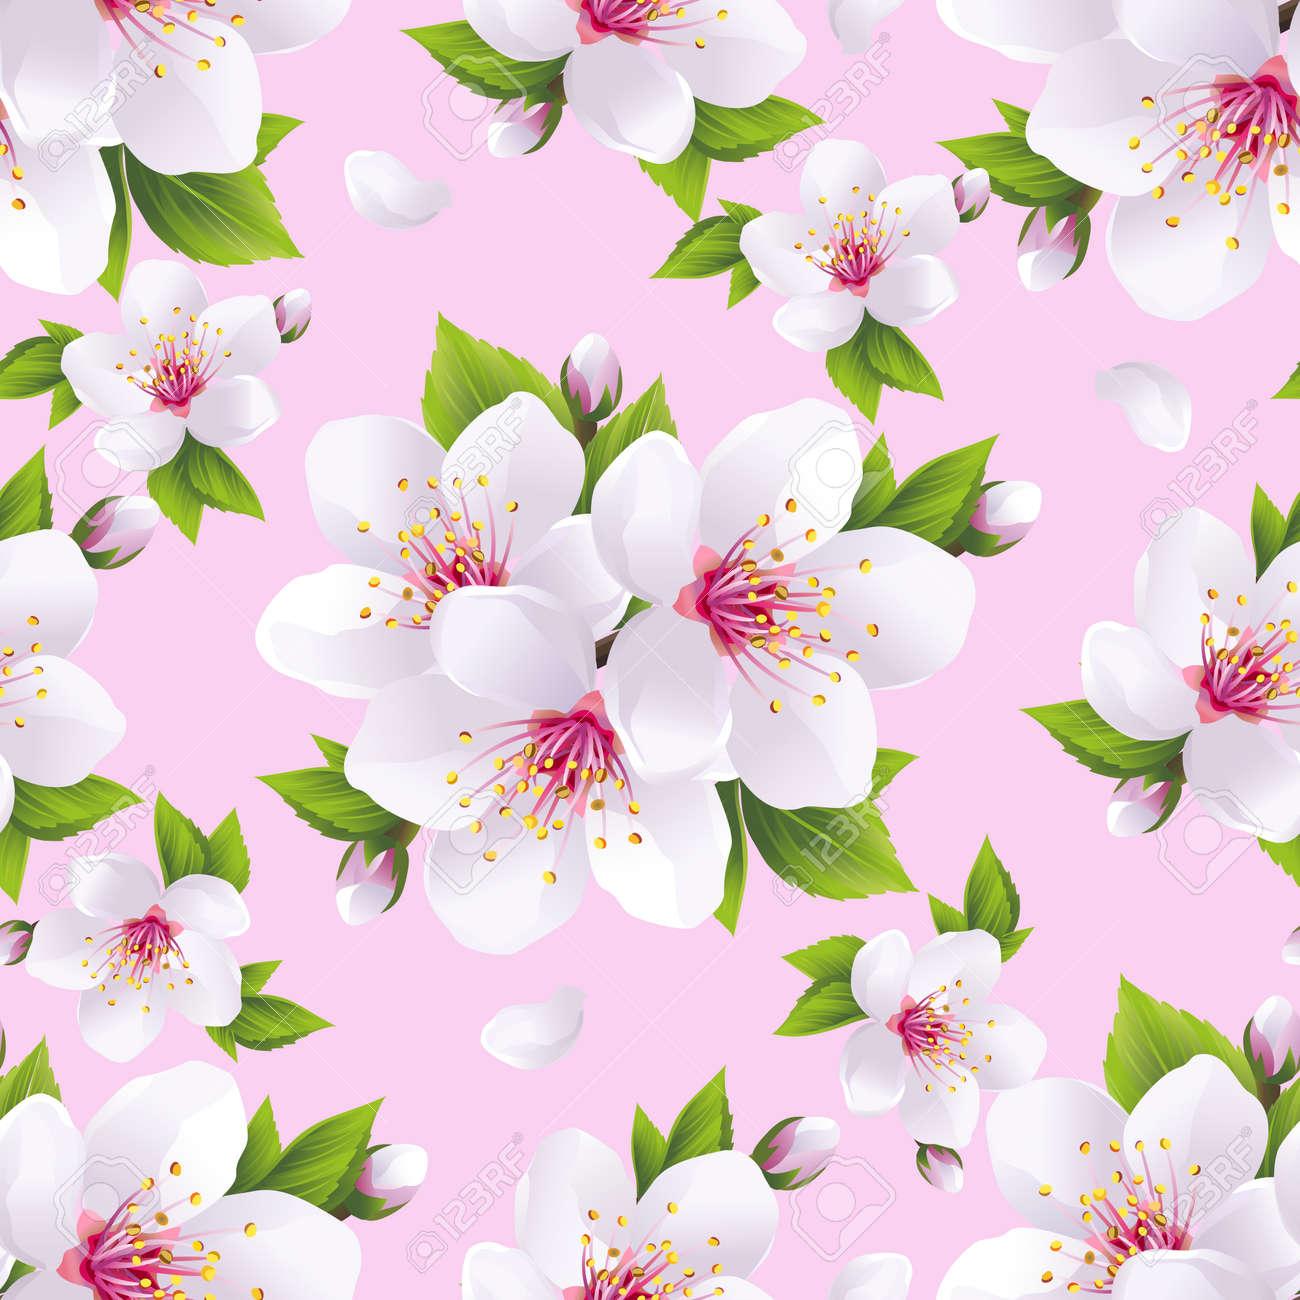 美しい明るい背景白桜日本の桜の木とのシームレスなパターン 花春